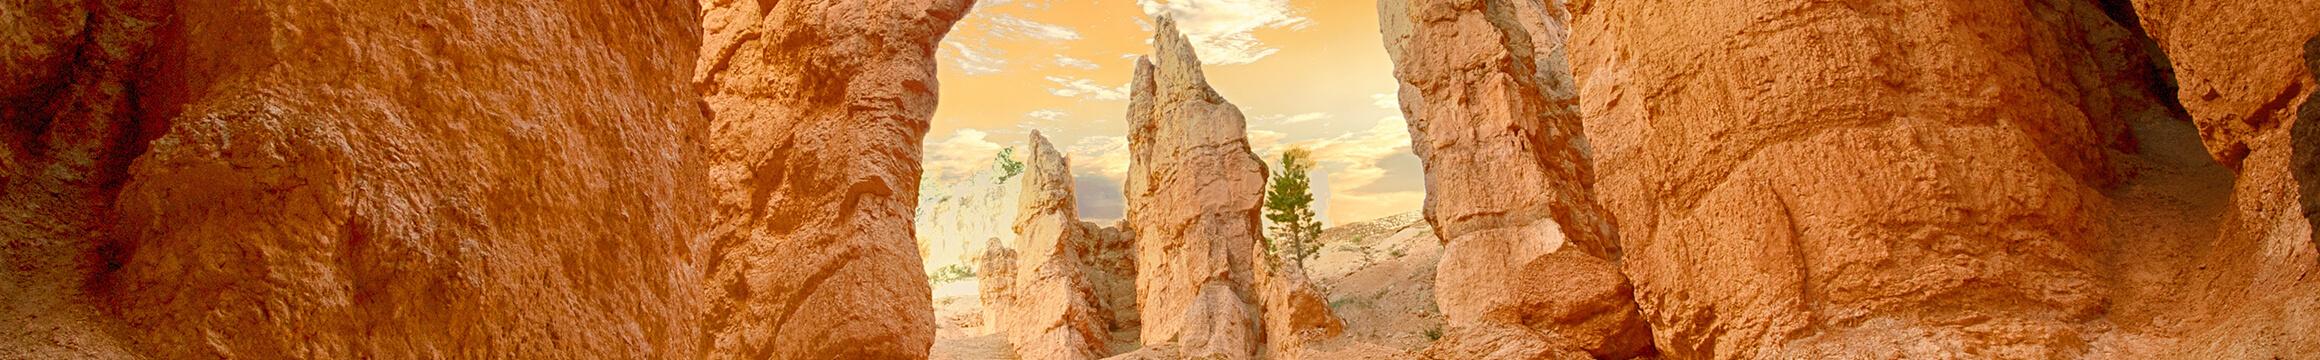 Landscapes 10